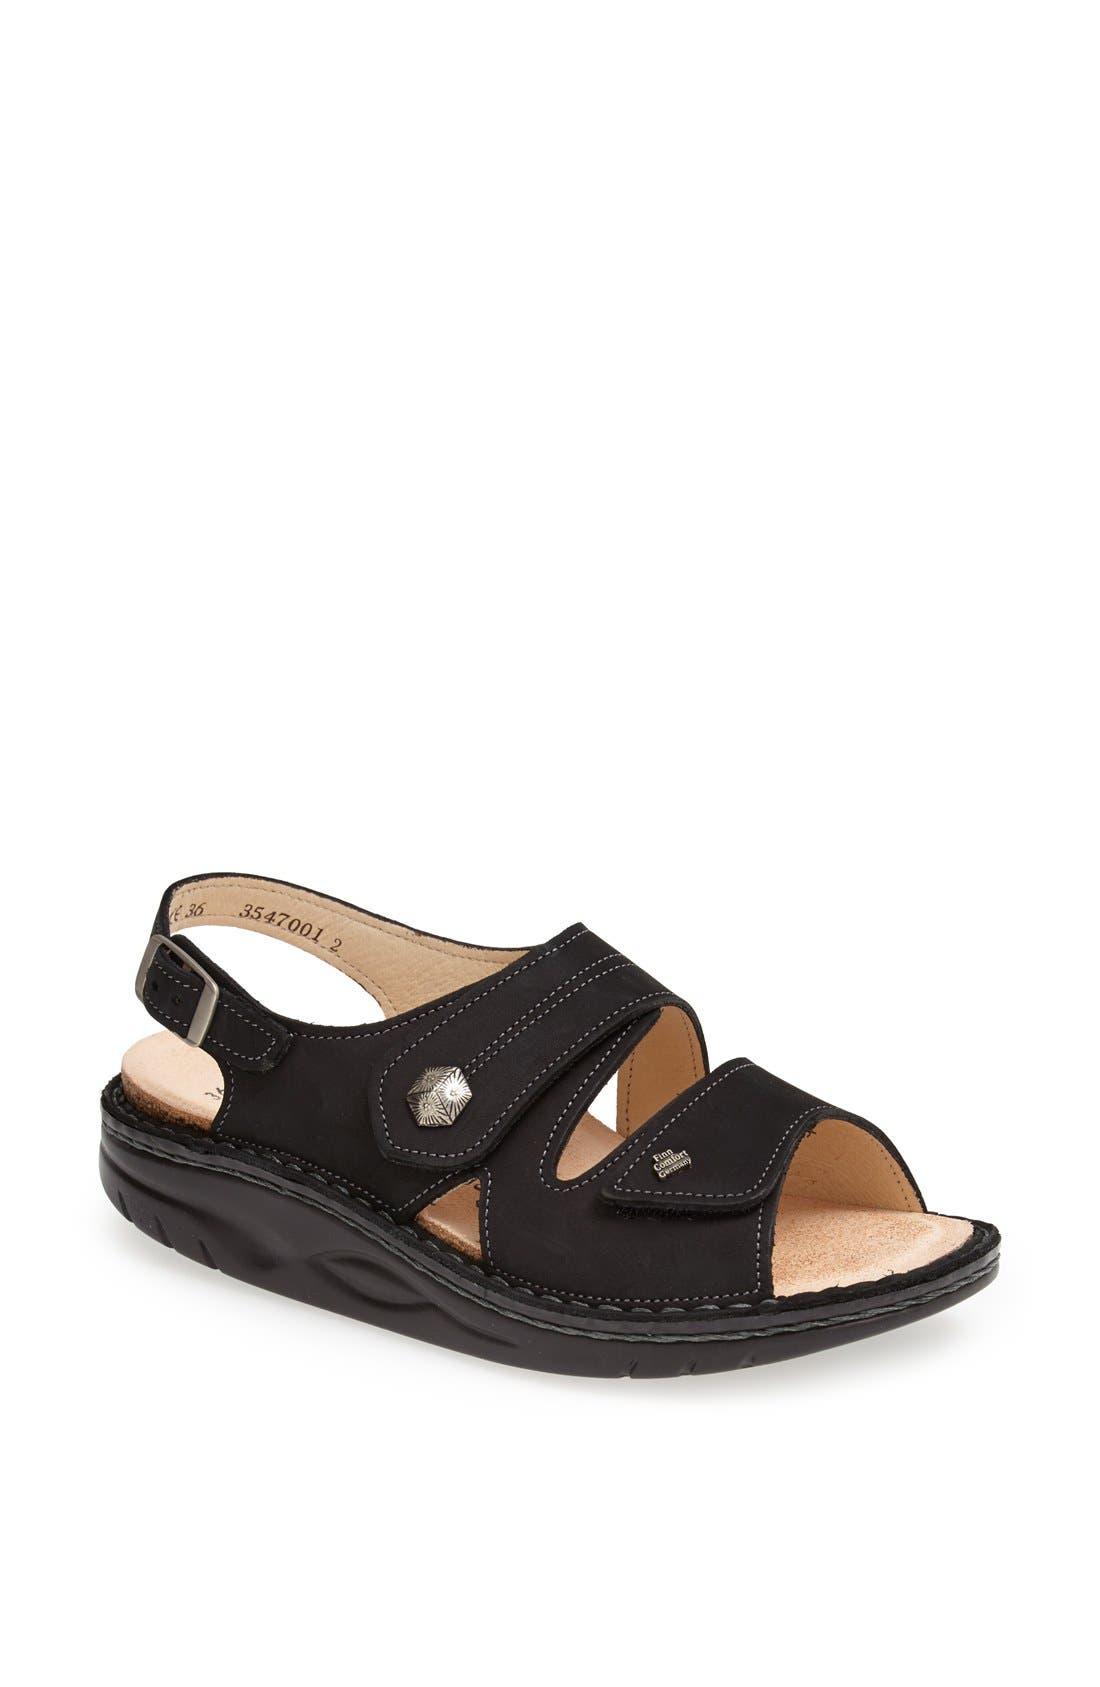 Main Image - Finn Comfort 'Sparks' Sandal